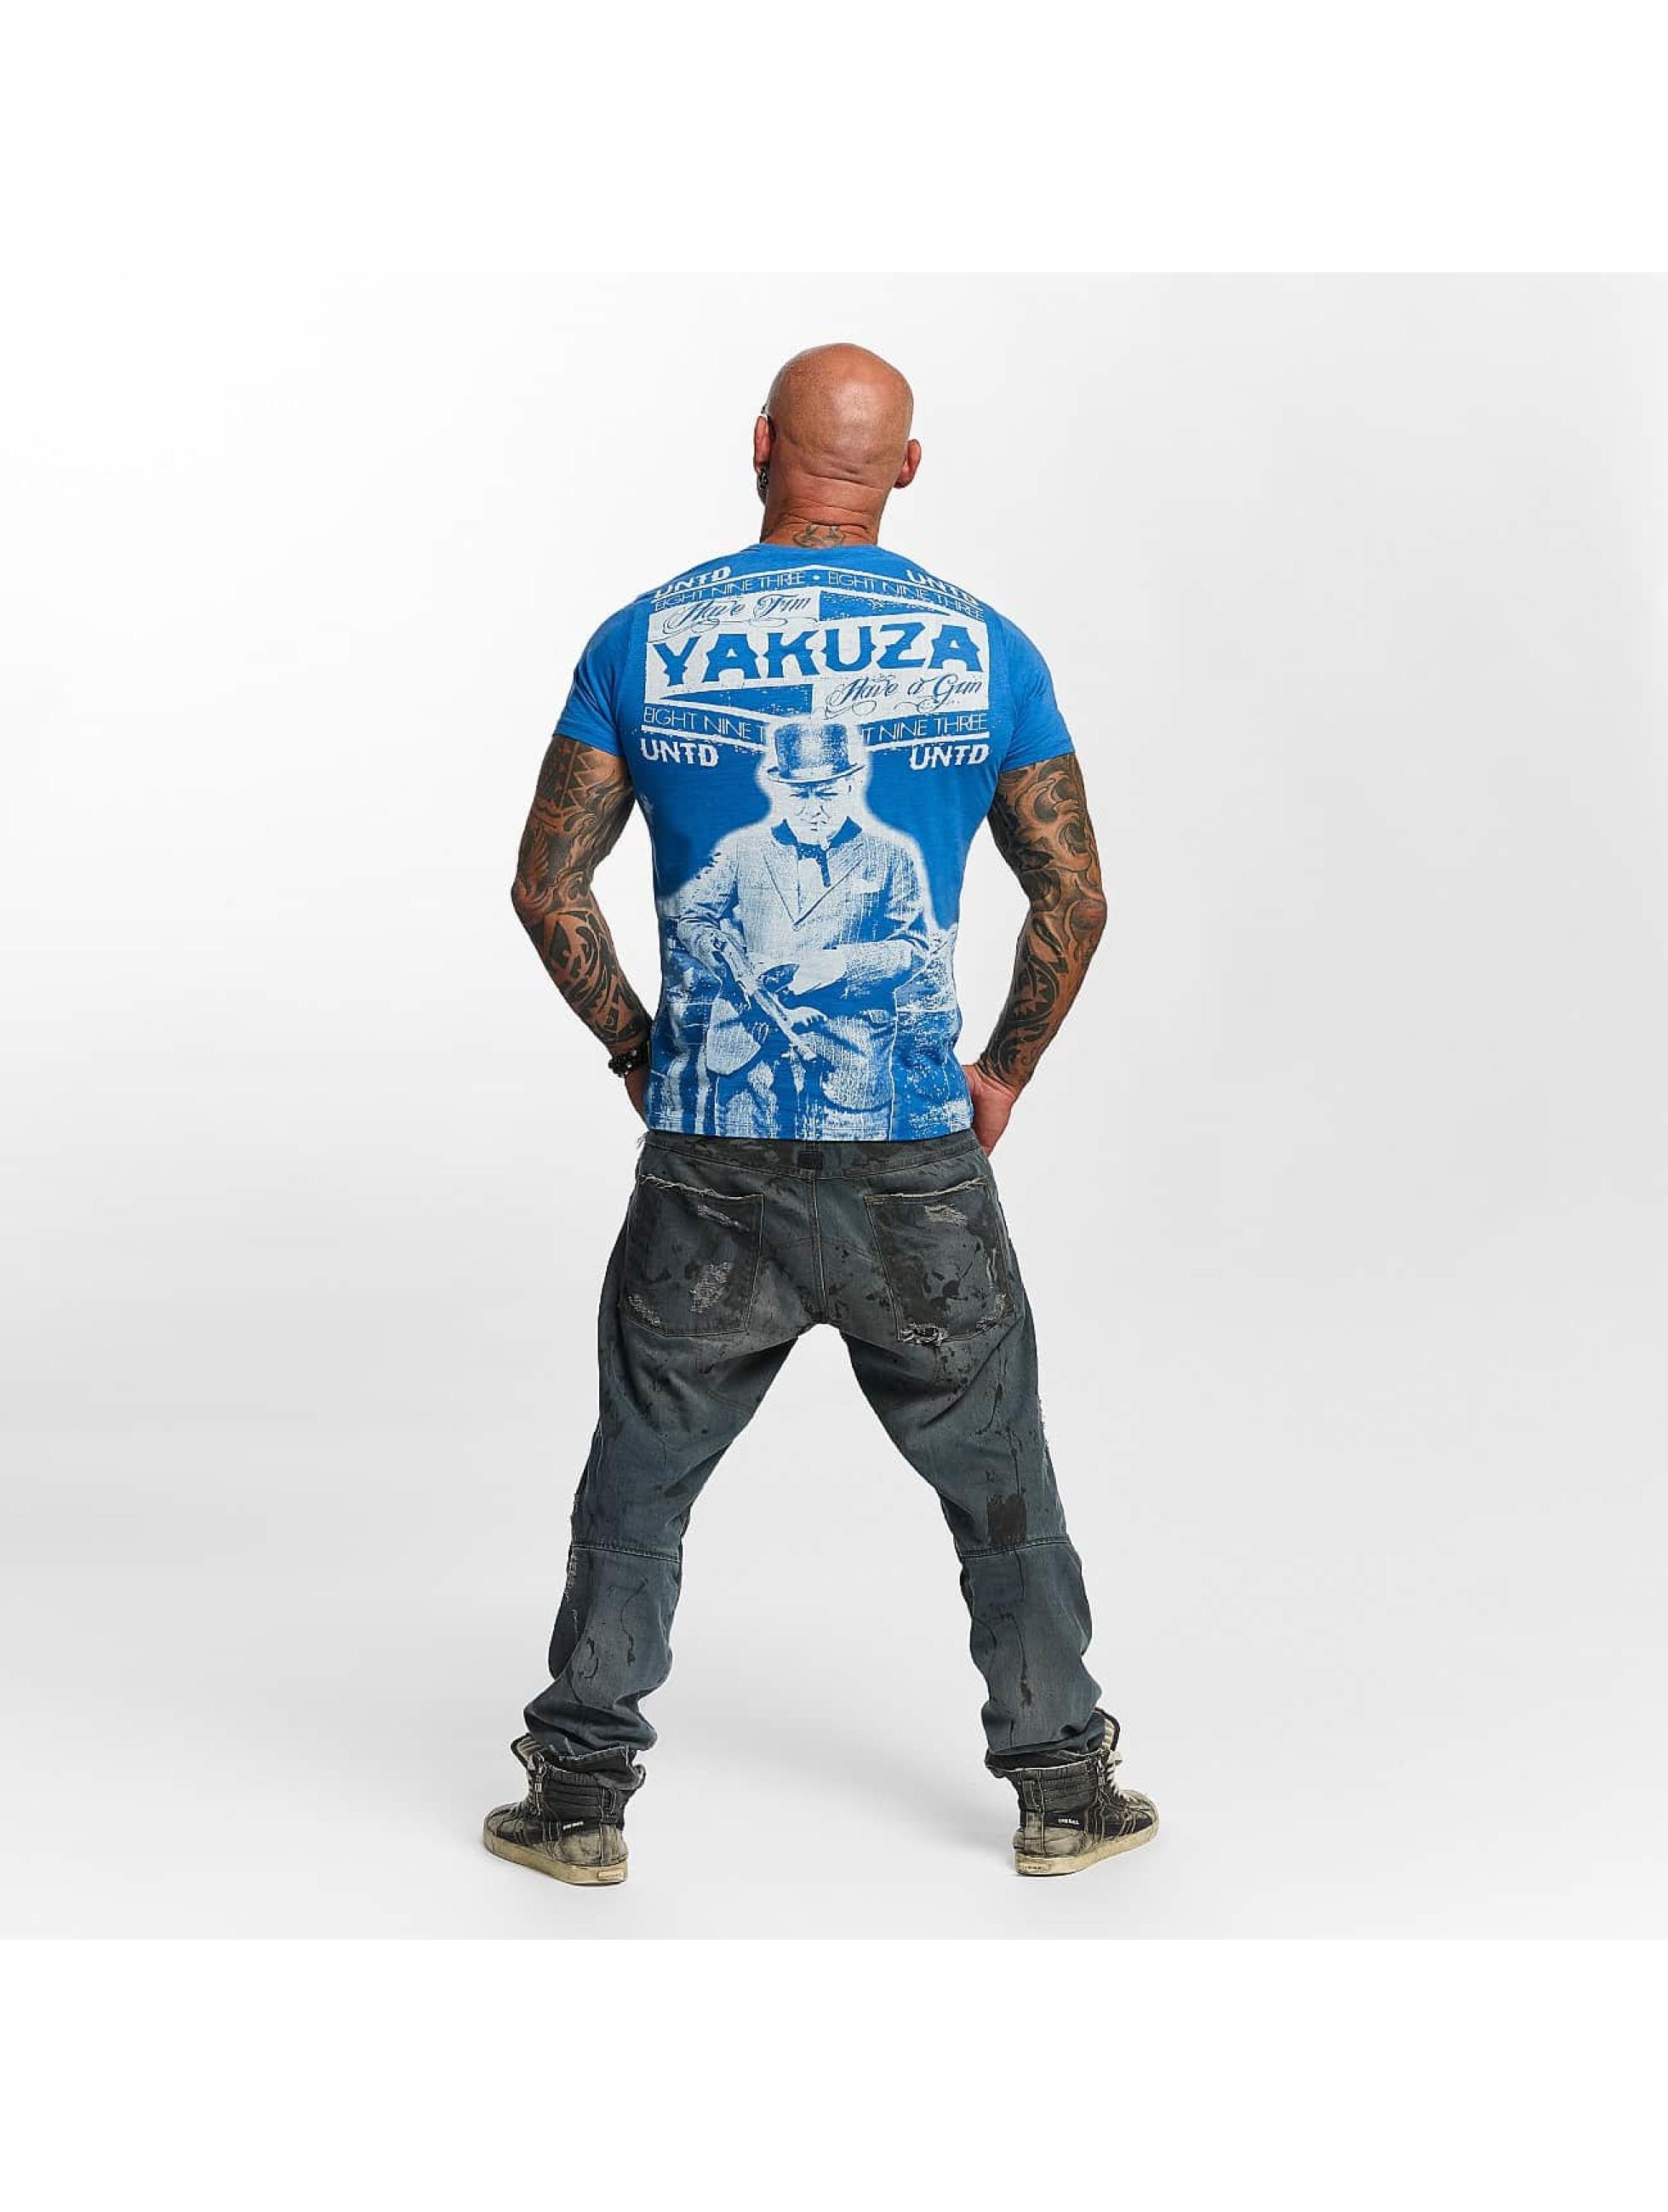 Yakuza T-Shirt Untd blau